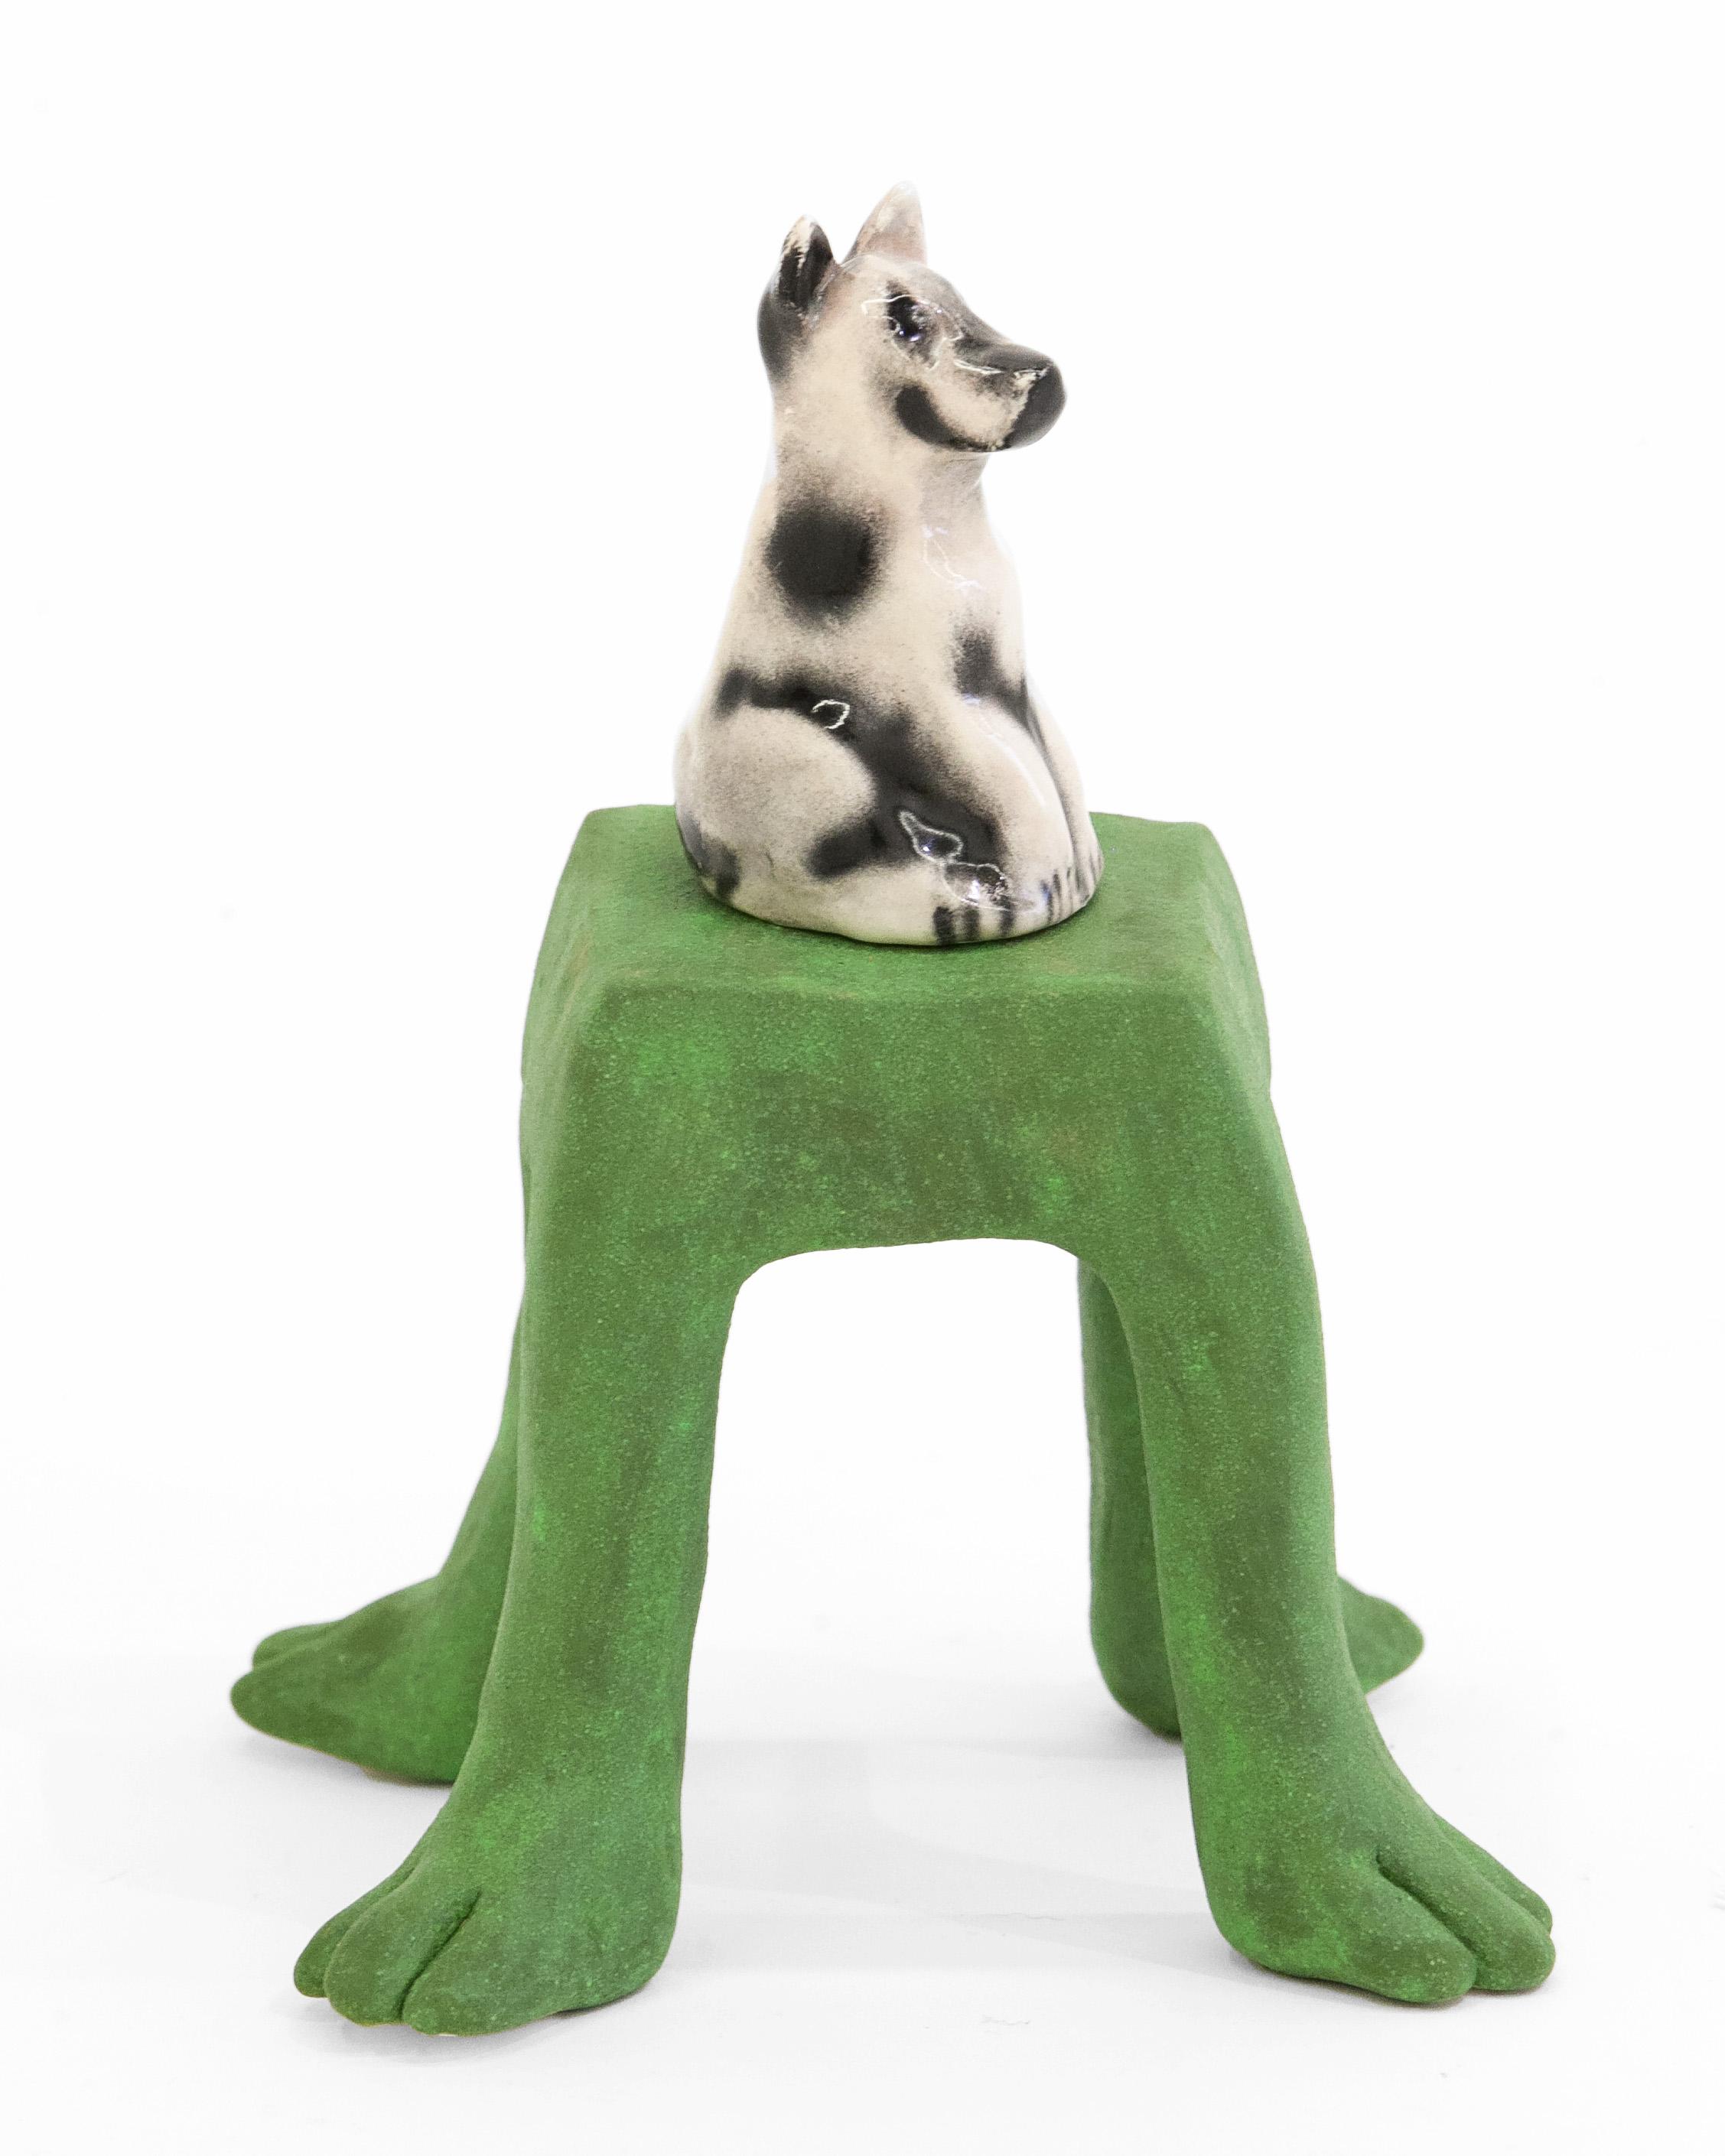 paigevalentien_dog_greenpedestal_2.jpg